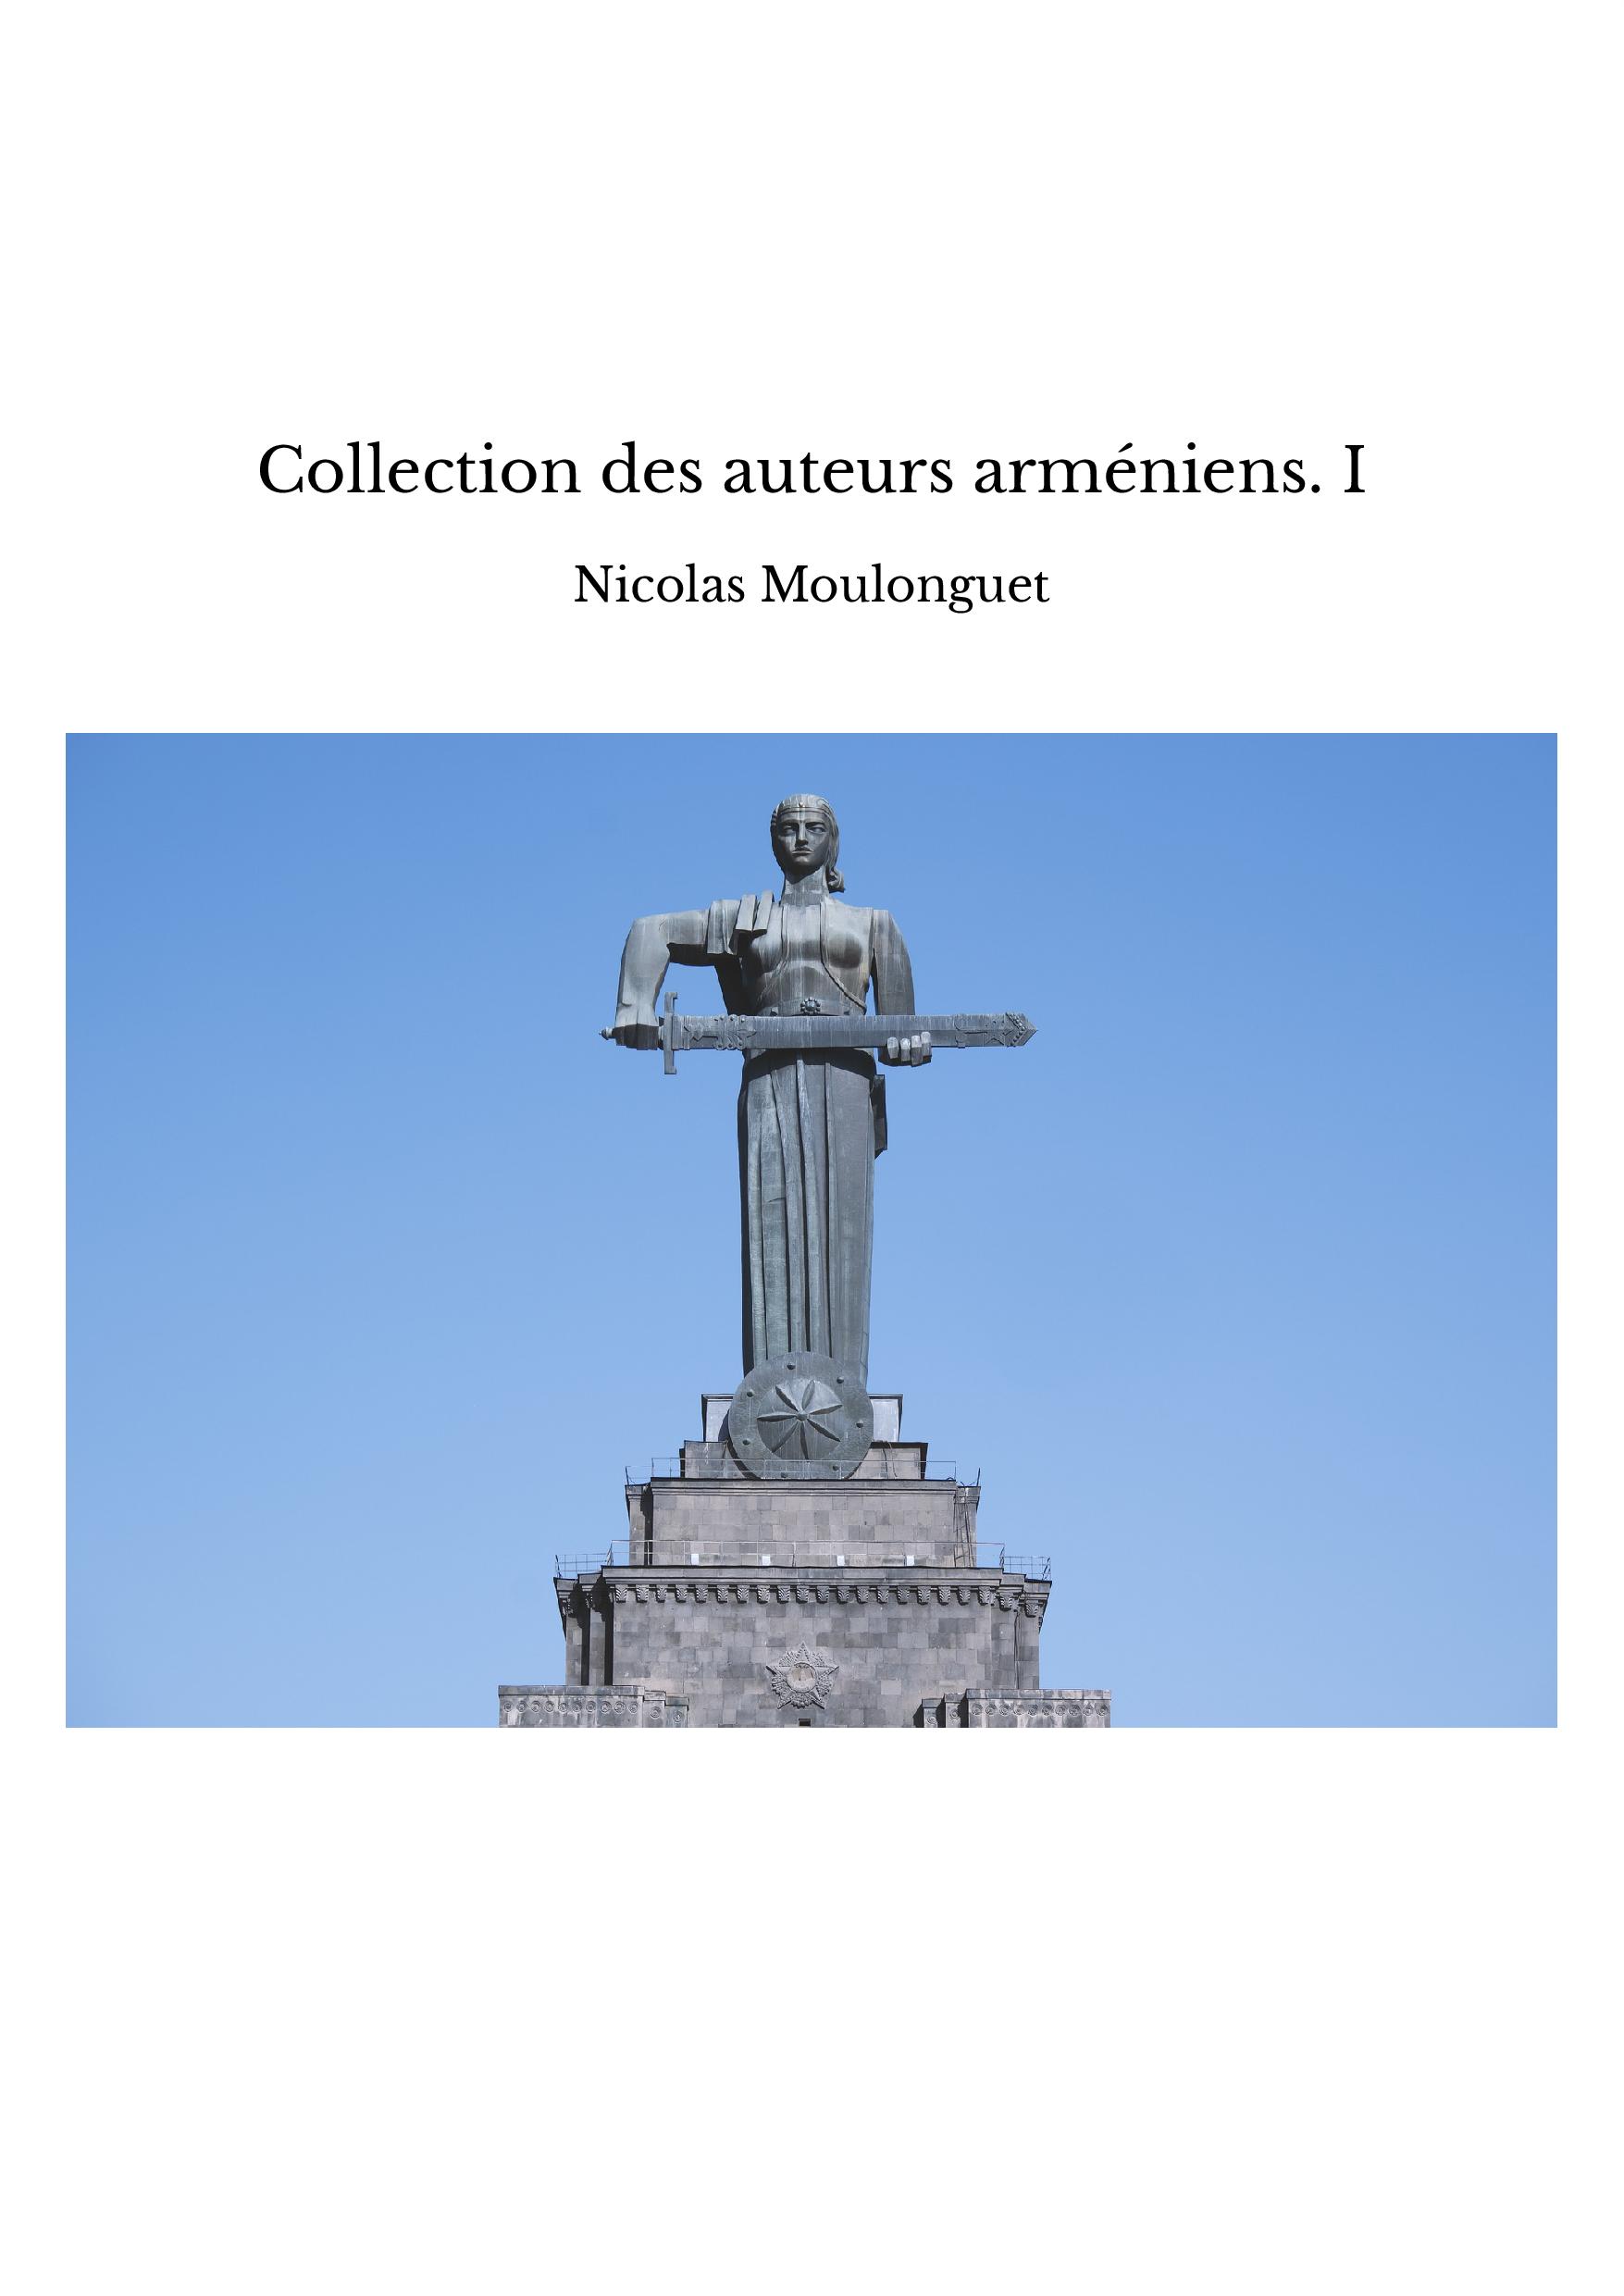 Collection des auteurs arméniens. I